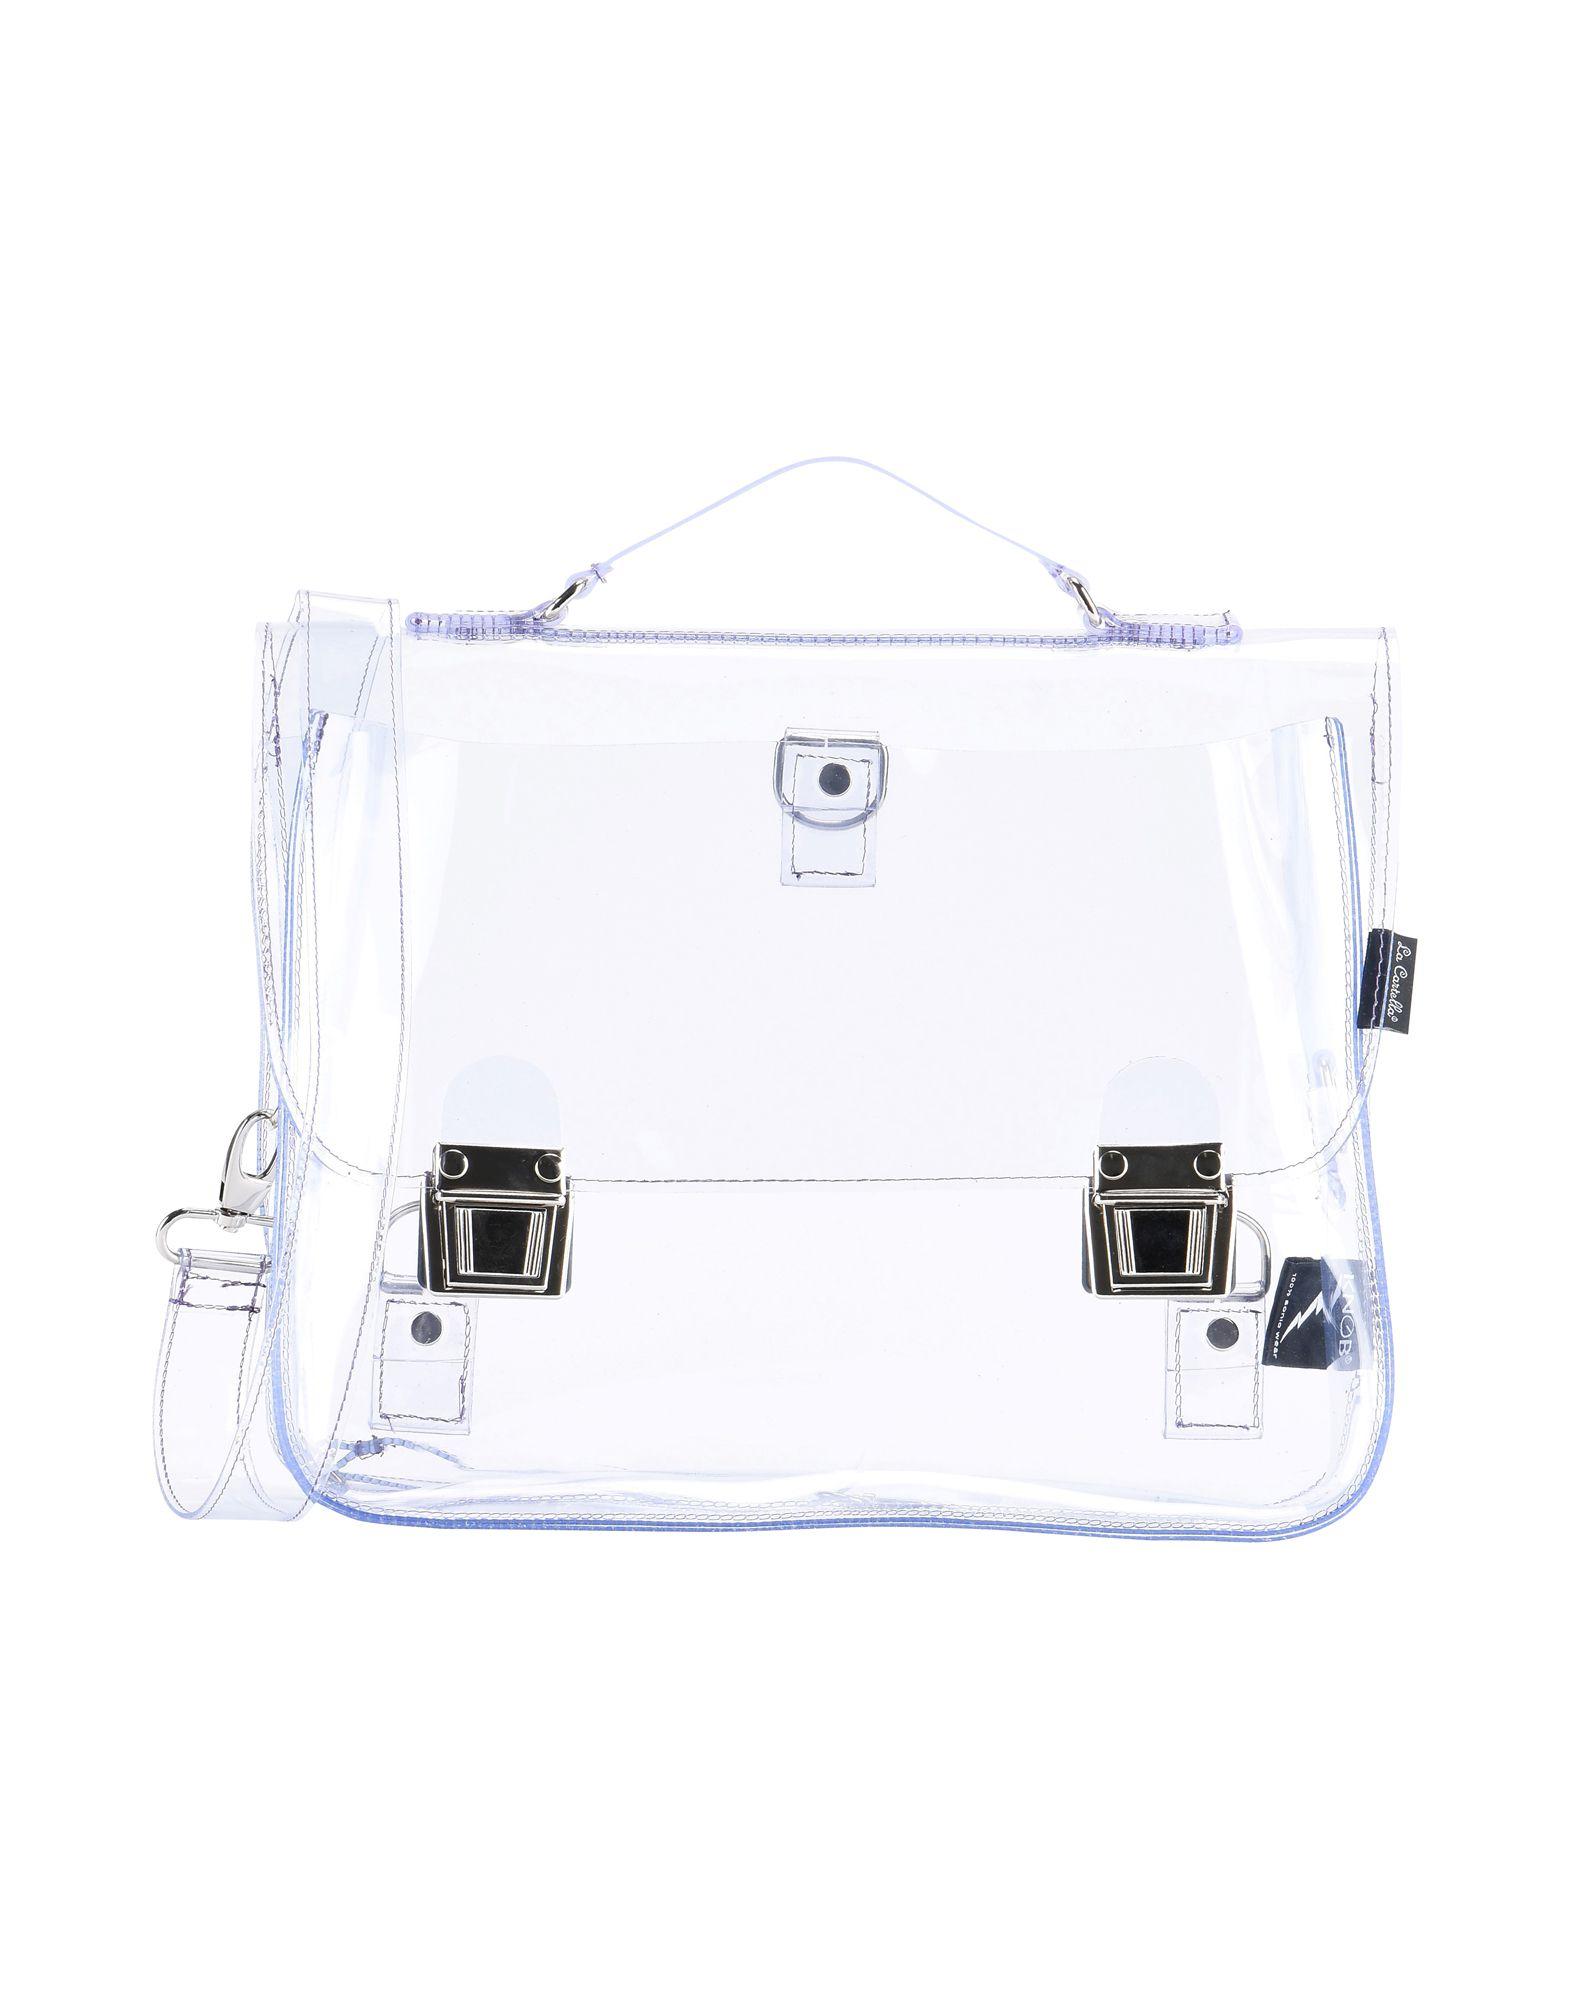 LA CARTELLA Деловые сумки goldlion goldlion портфель моды случайные сумки вертикальный раздел мужской бизнес пакет mb6453122 20338 хаки